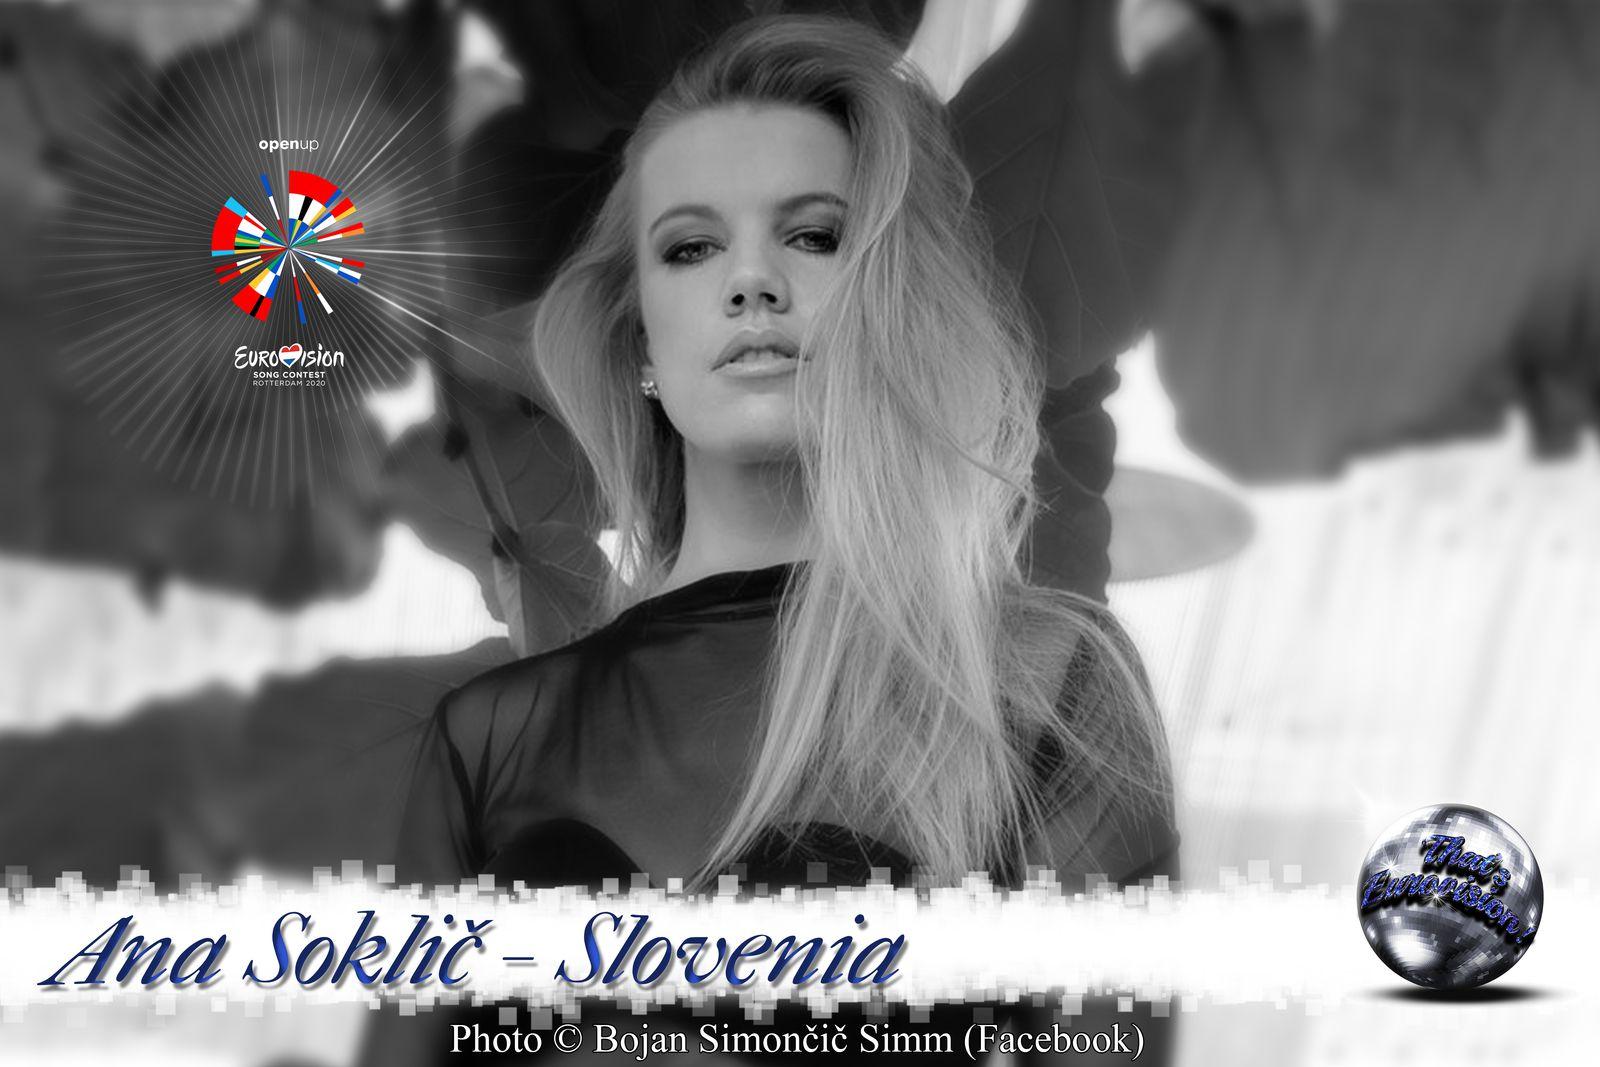 Slovenia 2020 - Ana Soklič (Voda)